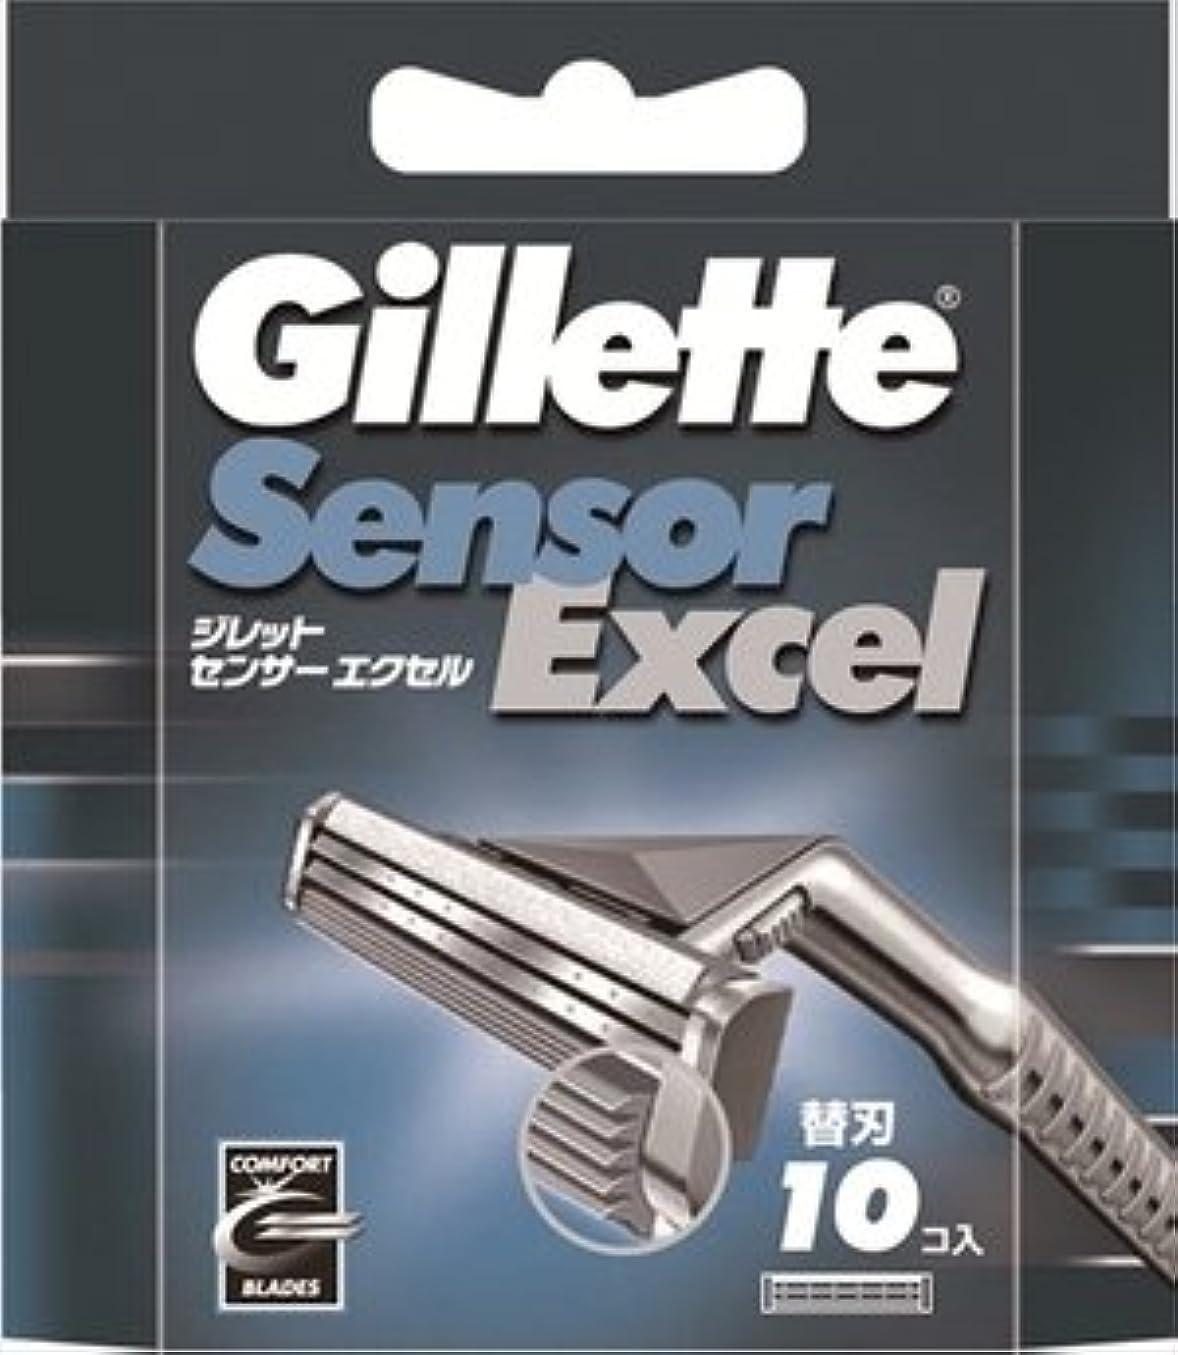 ファーム干ばつ噴水ジレット センサーエクセル 替刃 × 10個セット